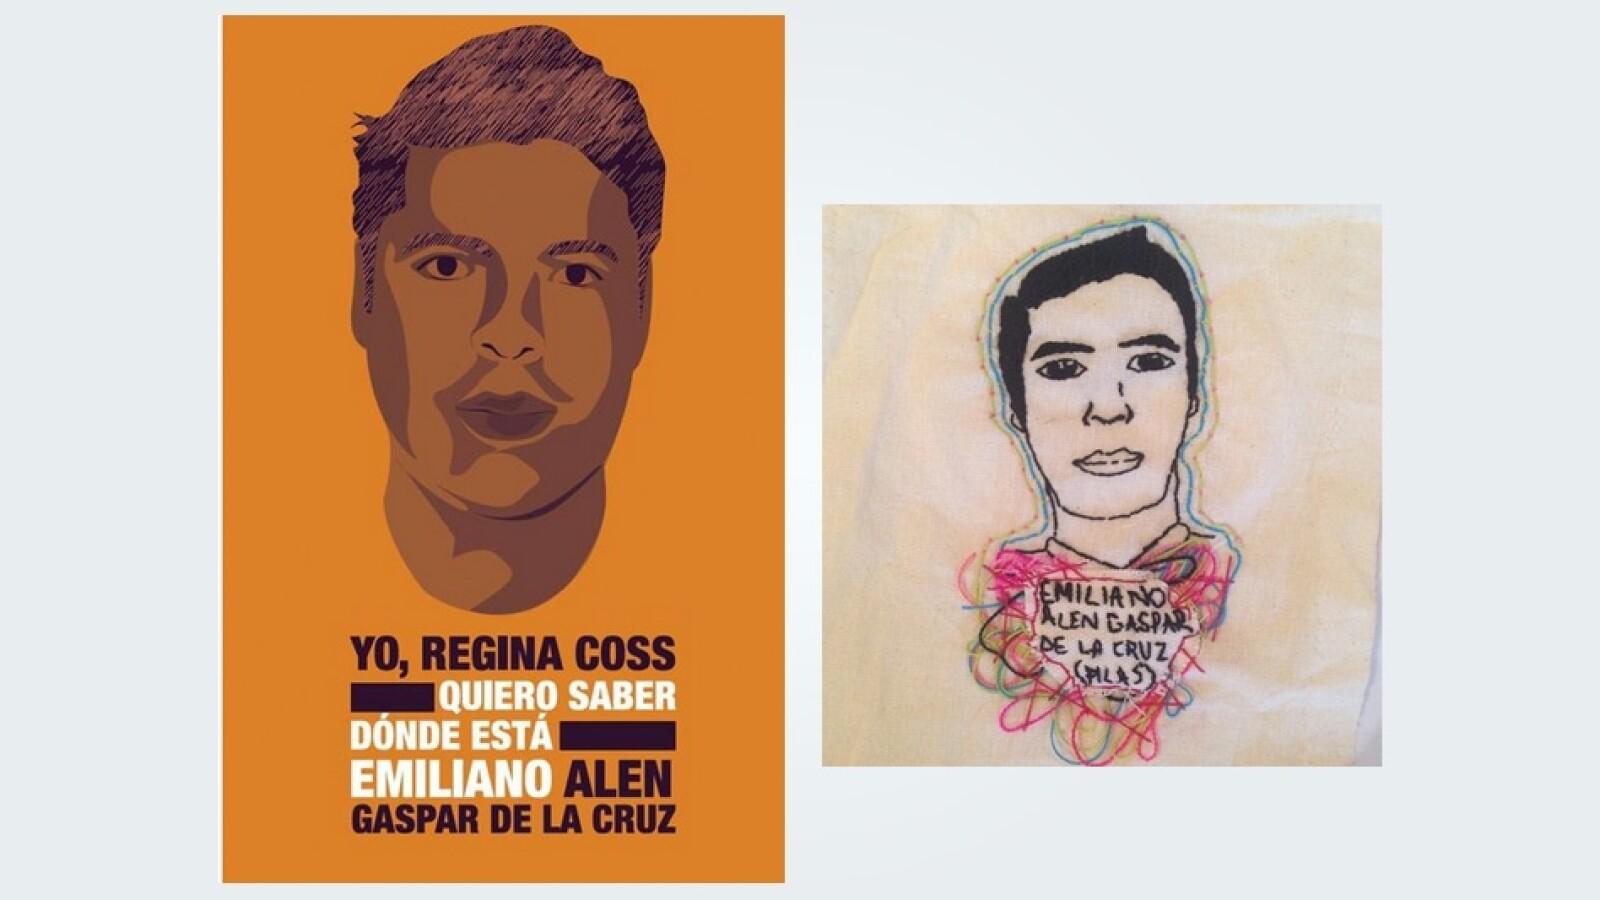 Emilio Alen Gaspar Ayotzinapa